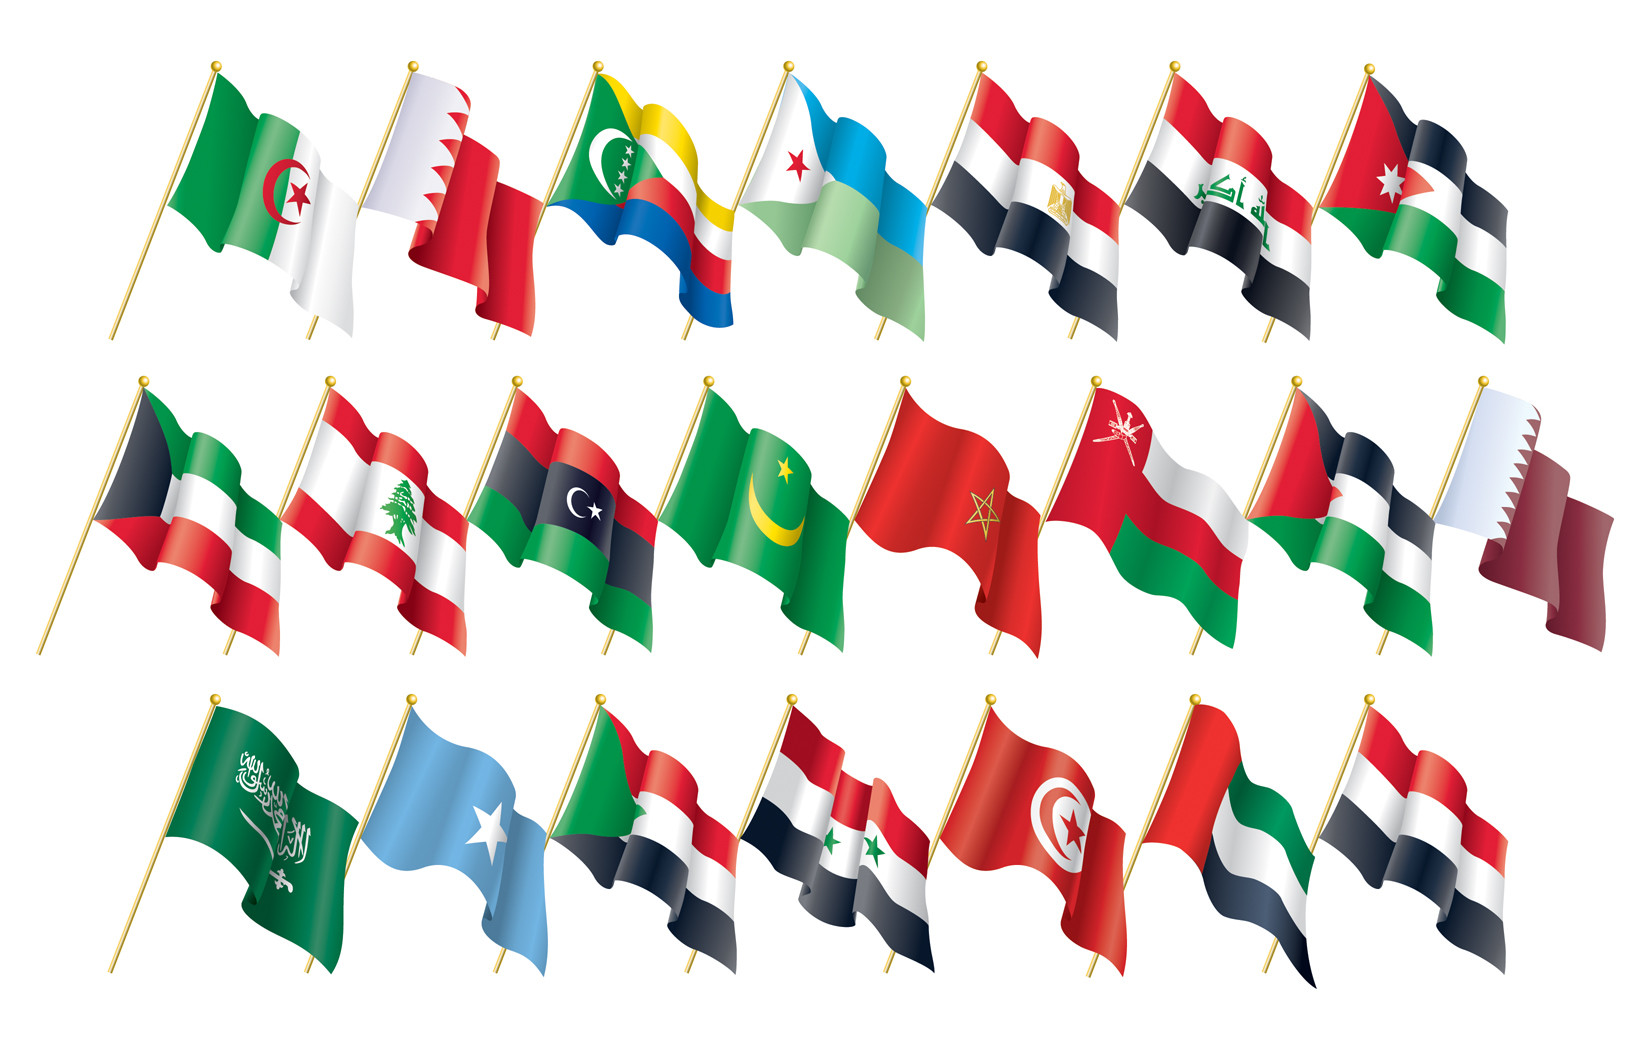 بالصور رموز الدول , امور اول مرة ستعرفها عن الدول 206 6